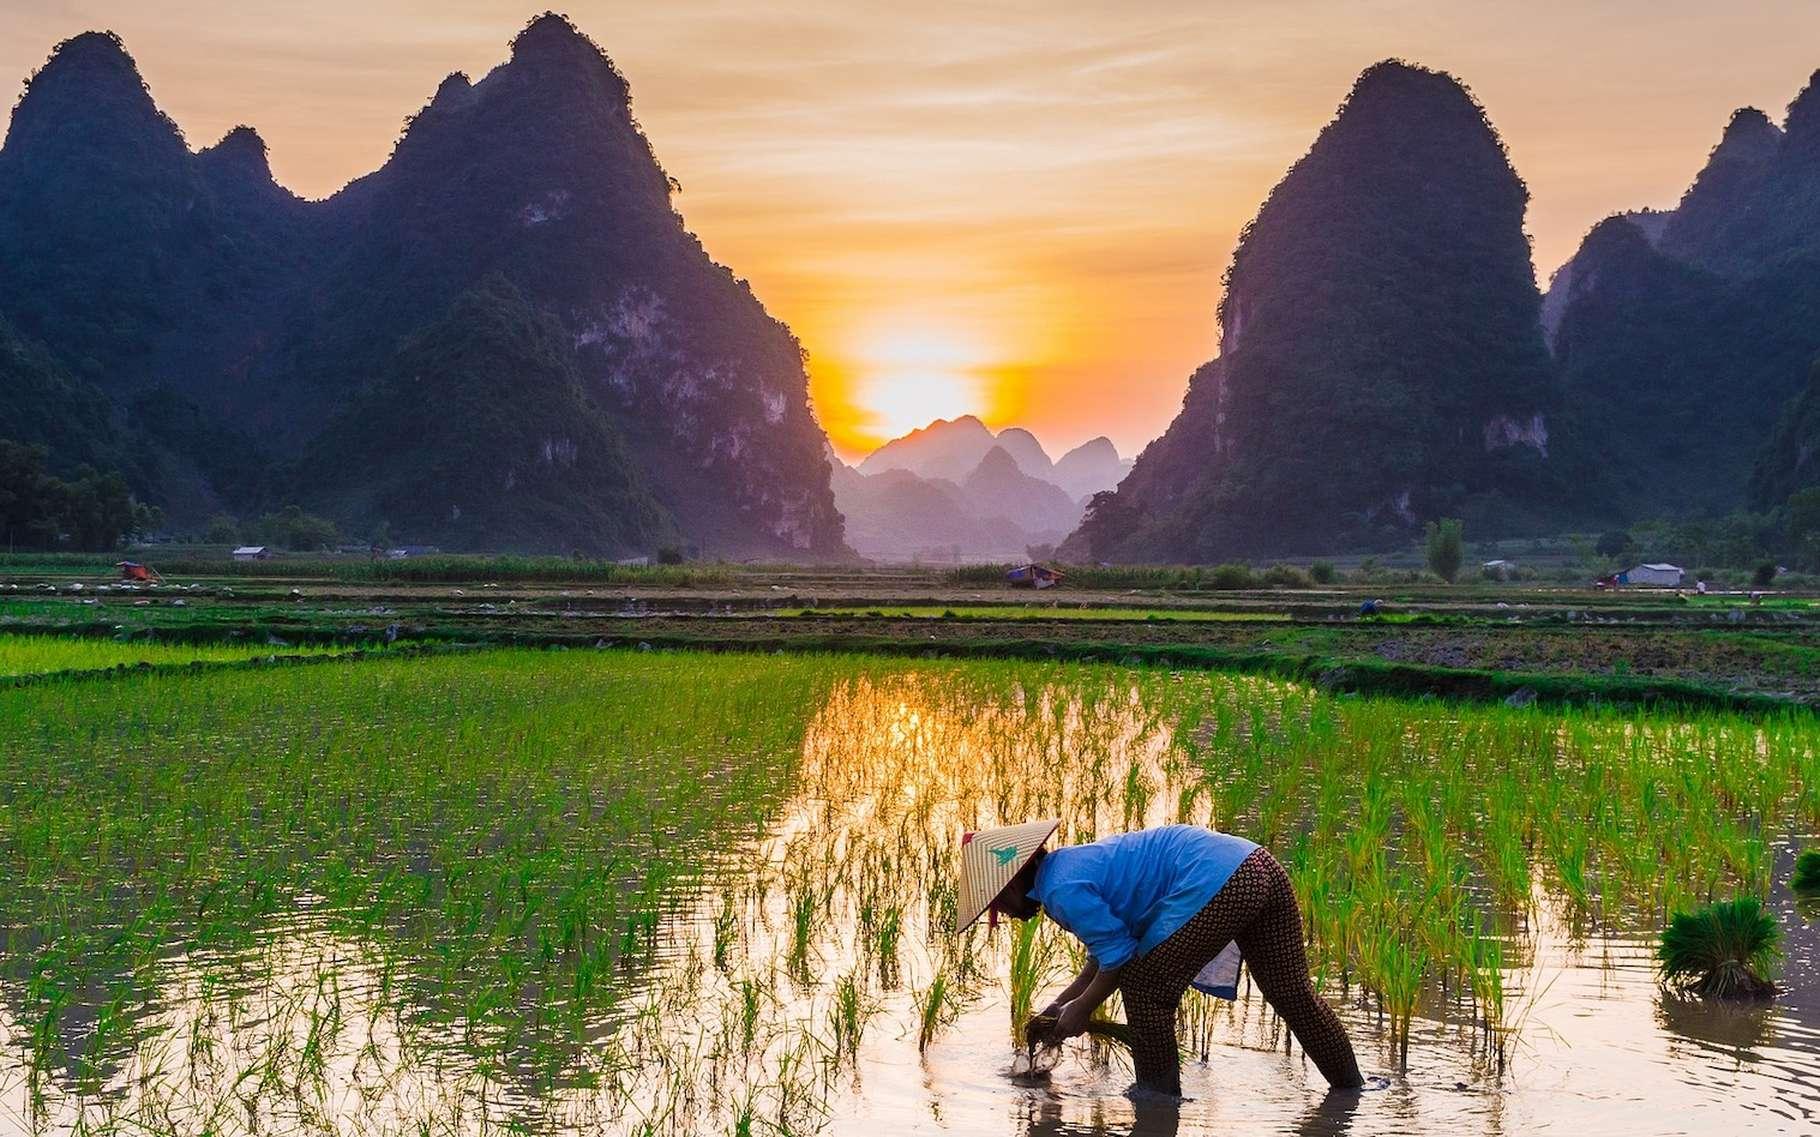 Les activités humaines – la culture du riz et l'élevage comptant parmi les plus difficiles à limiter – sont responsables de plus de 60 % des émissions de méthane votre l'atmosphère terrestre. «Éliminer le méthane de notre atmosphère nous donnerait du temps pour trouver des solutions permettant de traiter le problème des émissions de CO2», explique Rob Jackson, professeur à l'université de Stanford (États-Unis). © Hoang Tuan_photography, Pixabay License